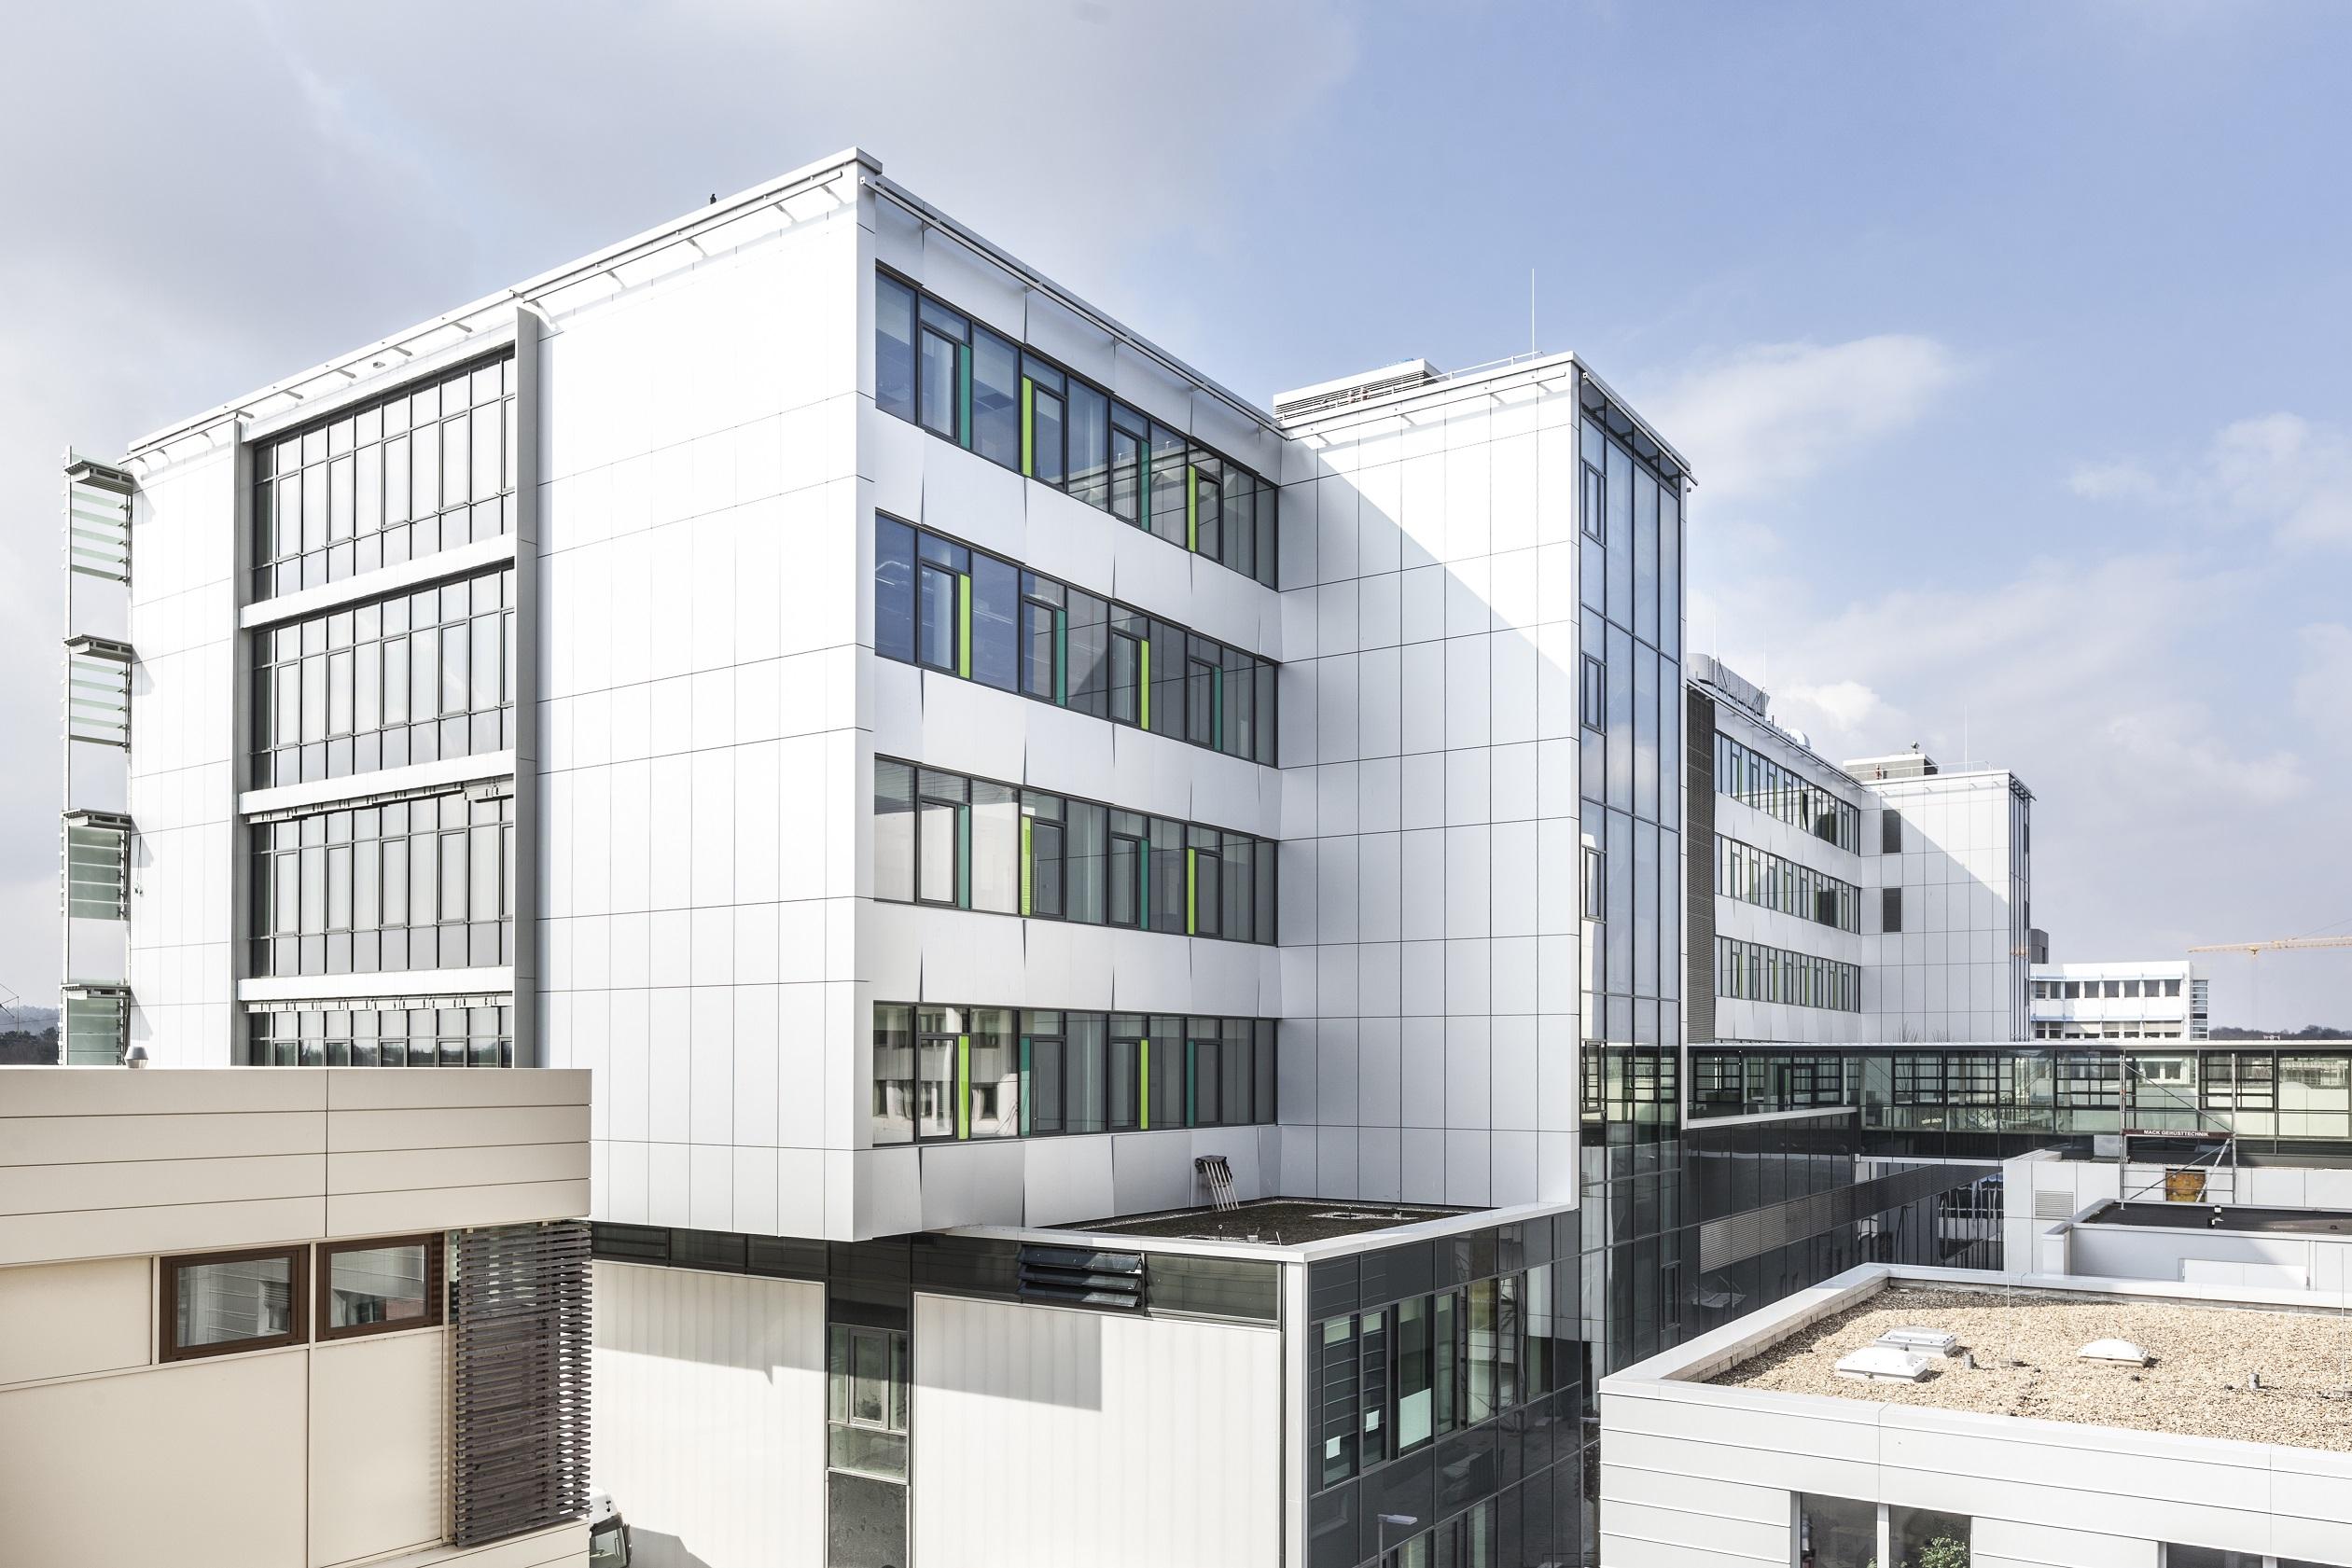 Fraunhofer-Institut für Produktionstechnik und Automatisierung IPA